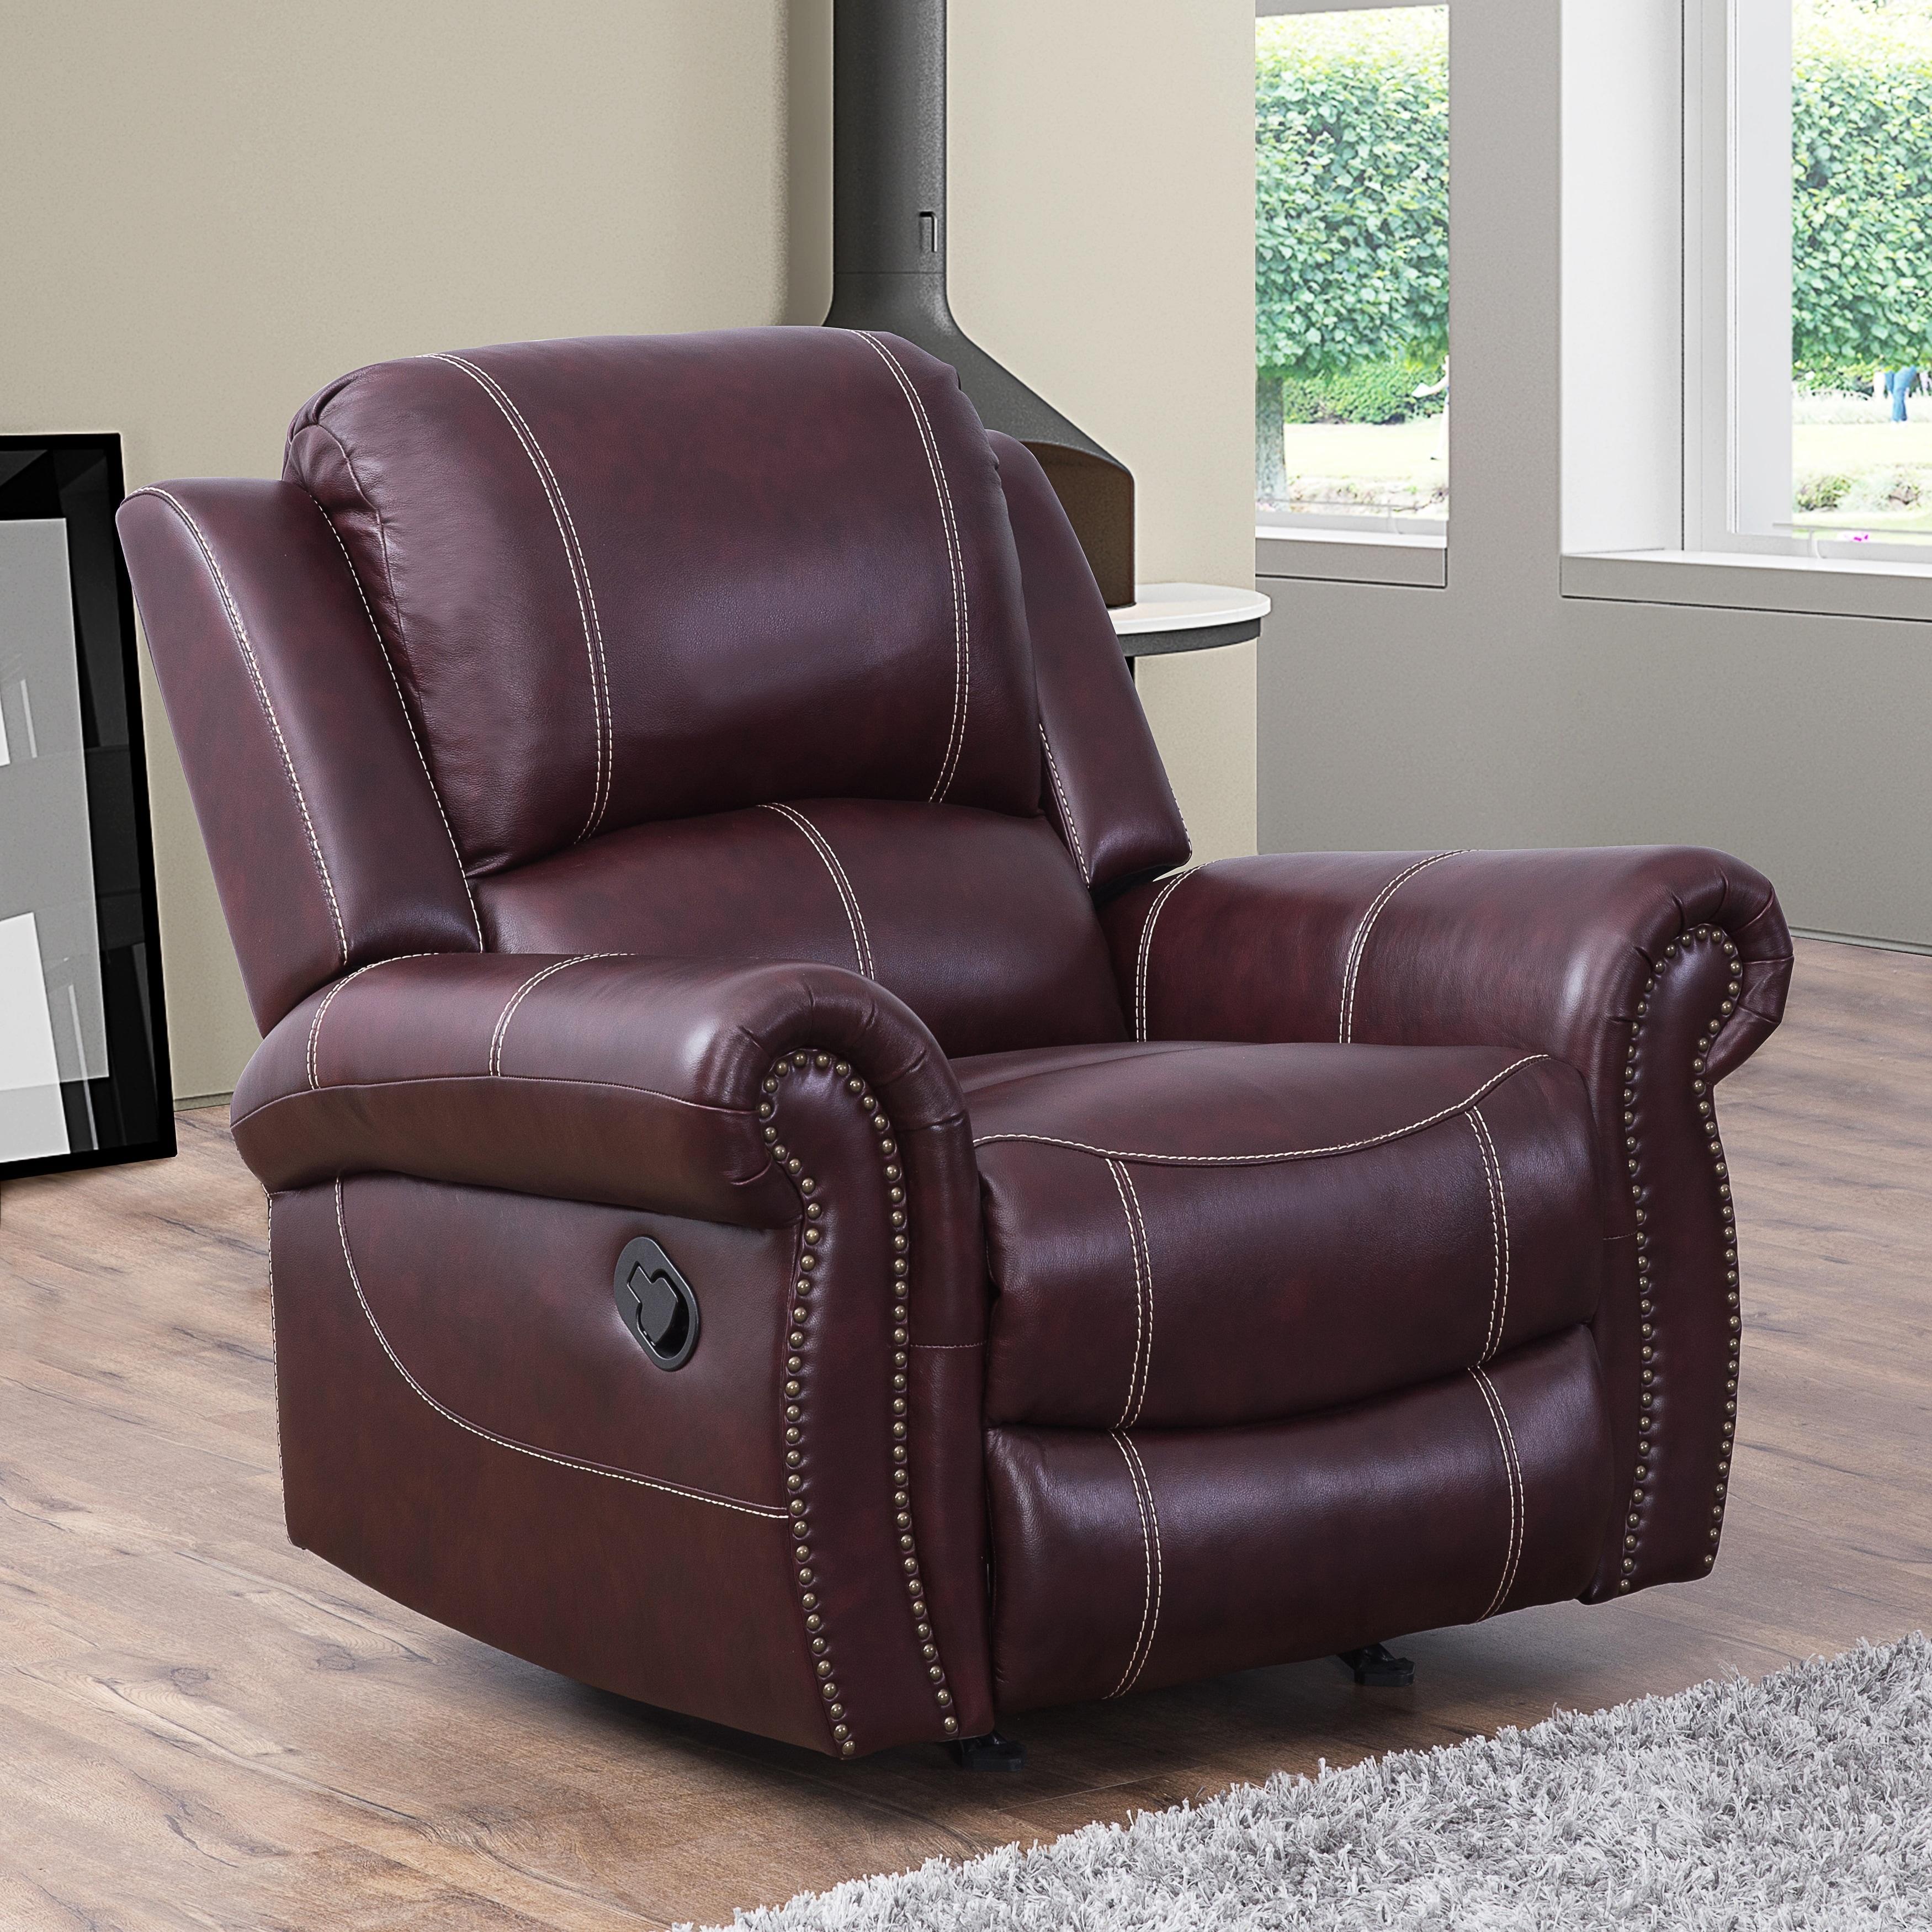 Shop Abbyson Winston Burgundy Top Grain Leather Reclining Armchair